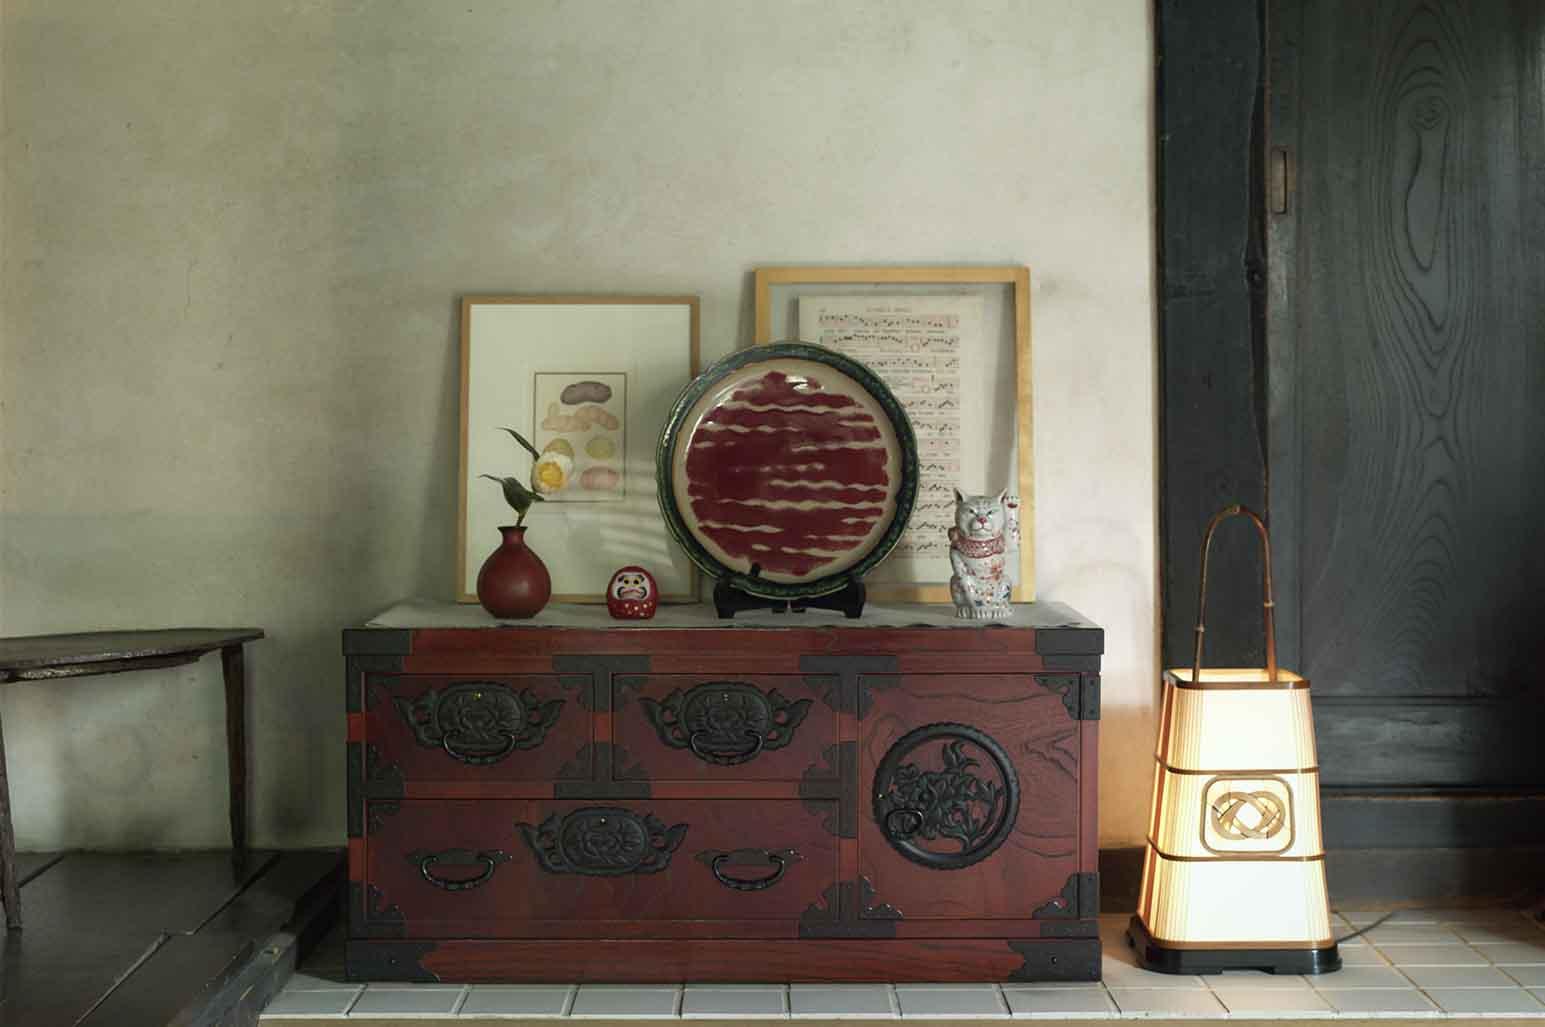 100 年以上の歴史をもつ工芸品が約 100 産地集結! 「伝統的工芸品展 WAZA2019」2 月 21 日より